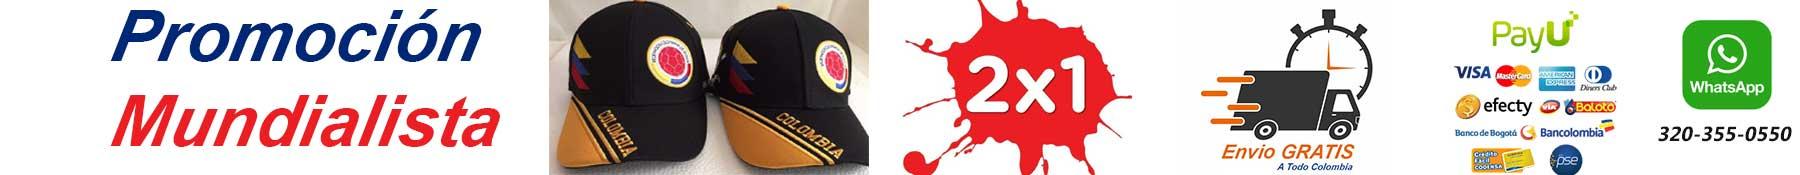 Envio Gratis si compra 3 gorras